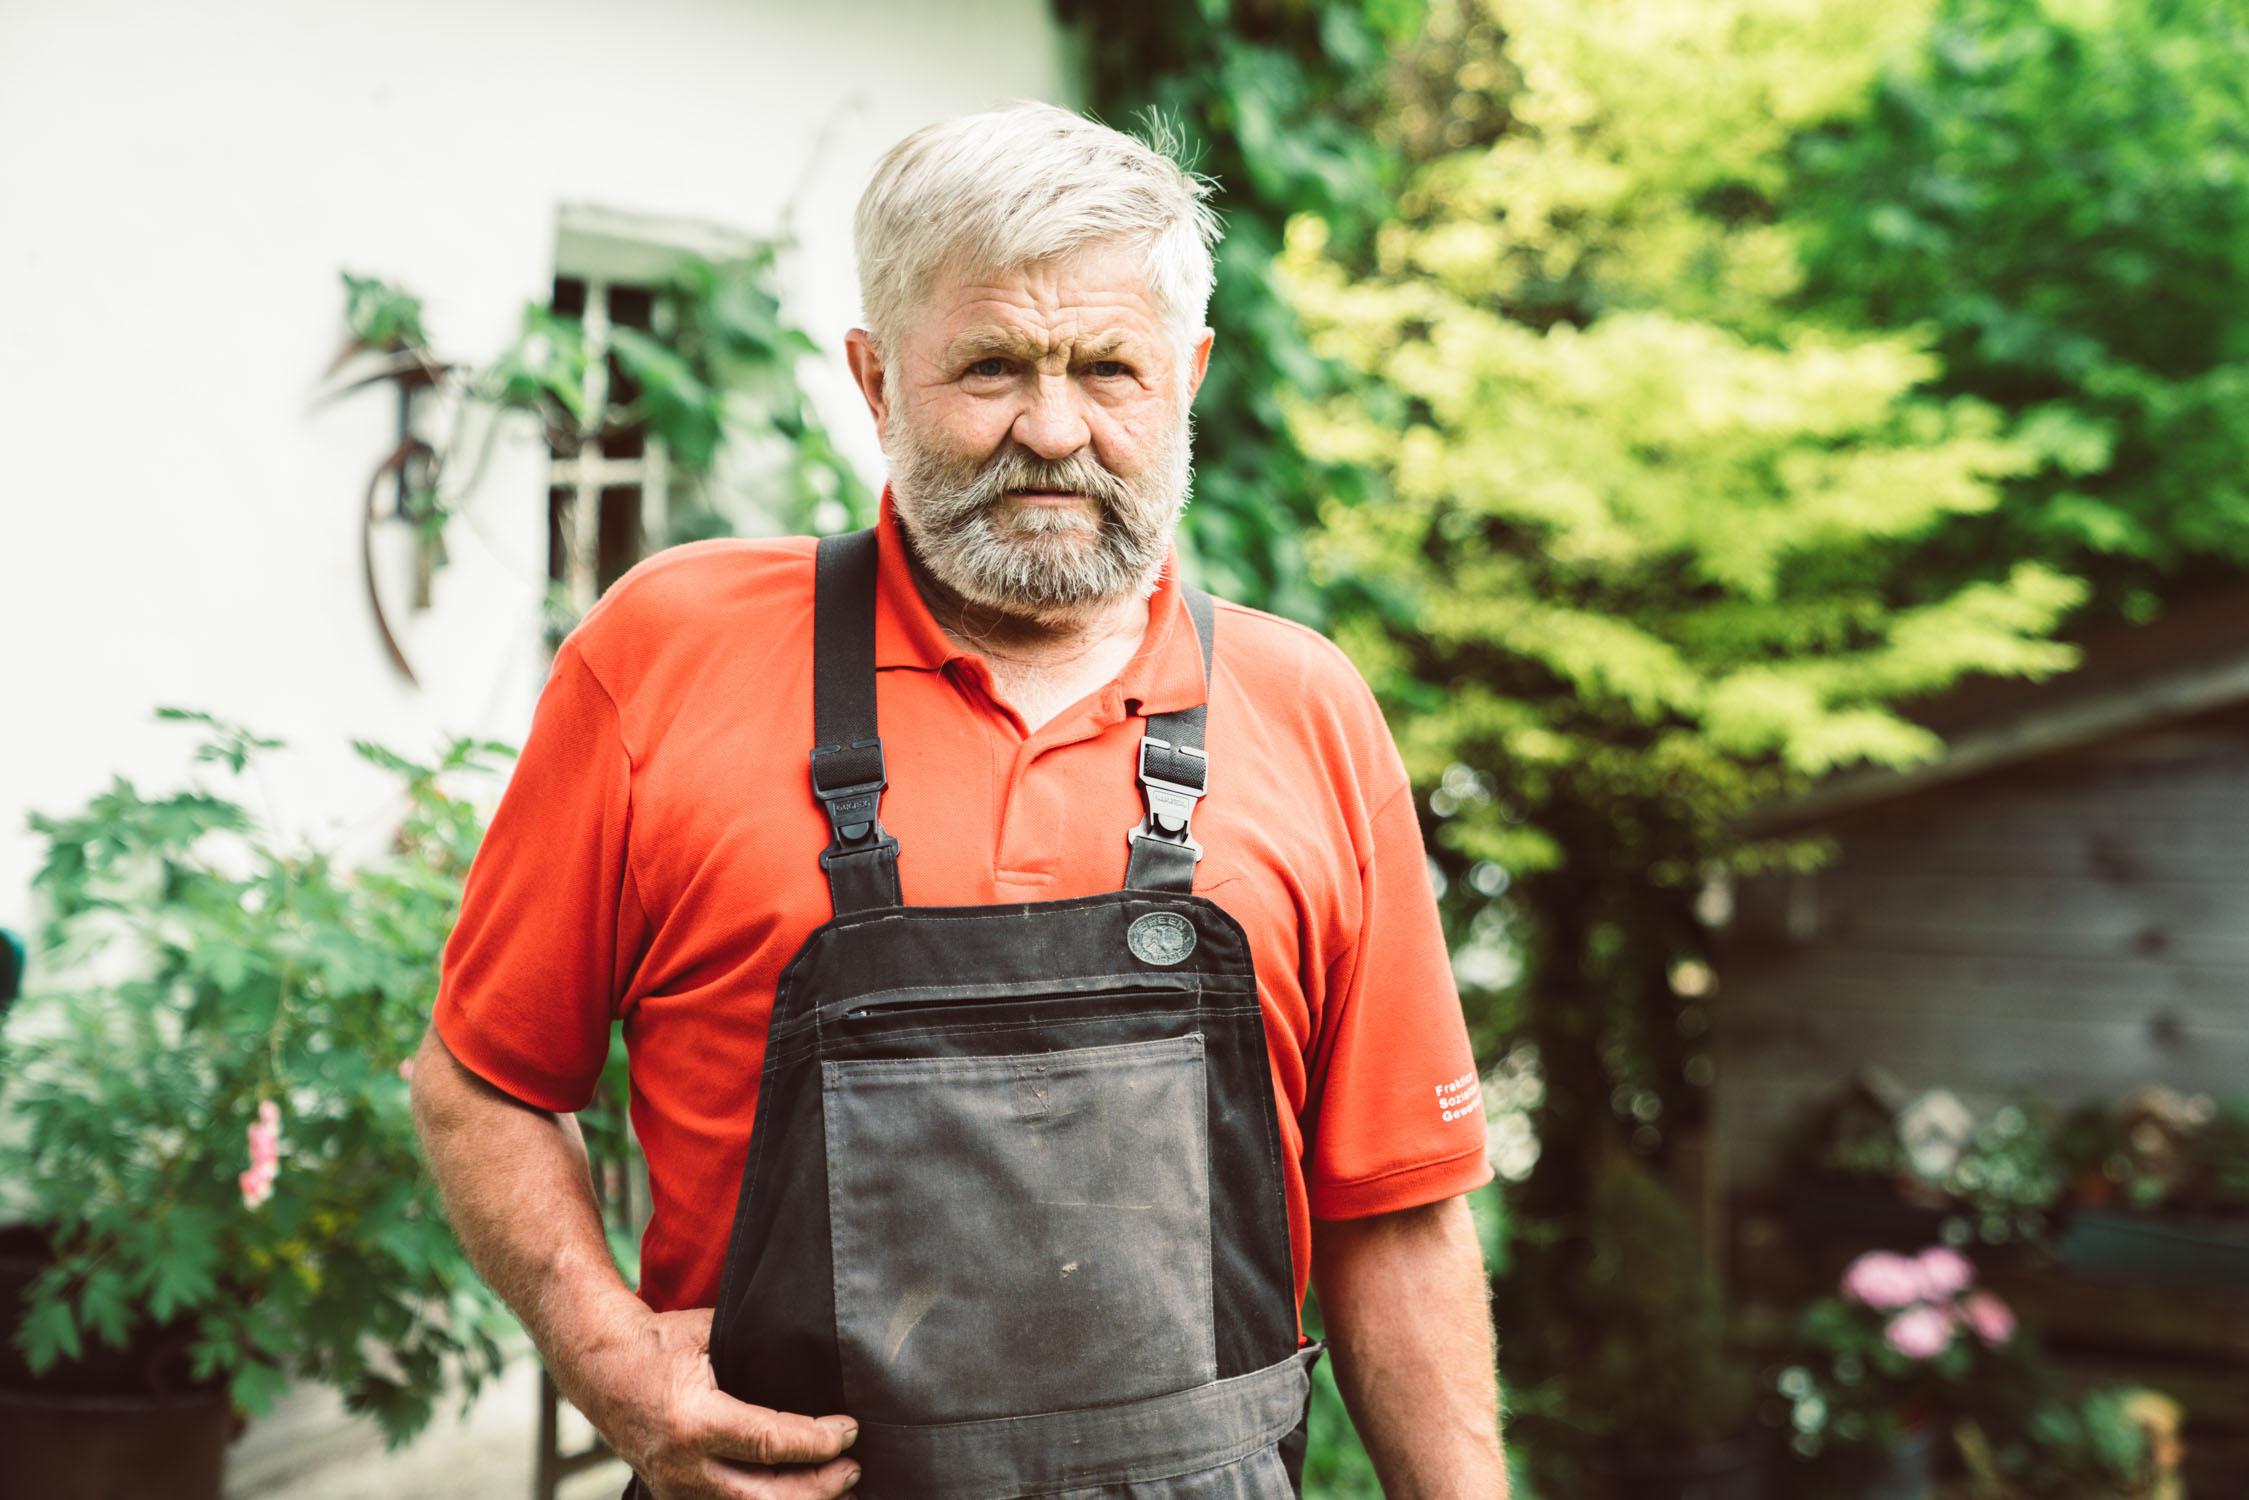 Rochus Quehenberger